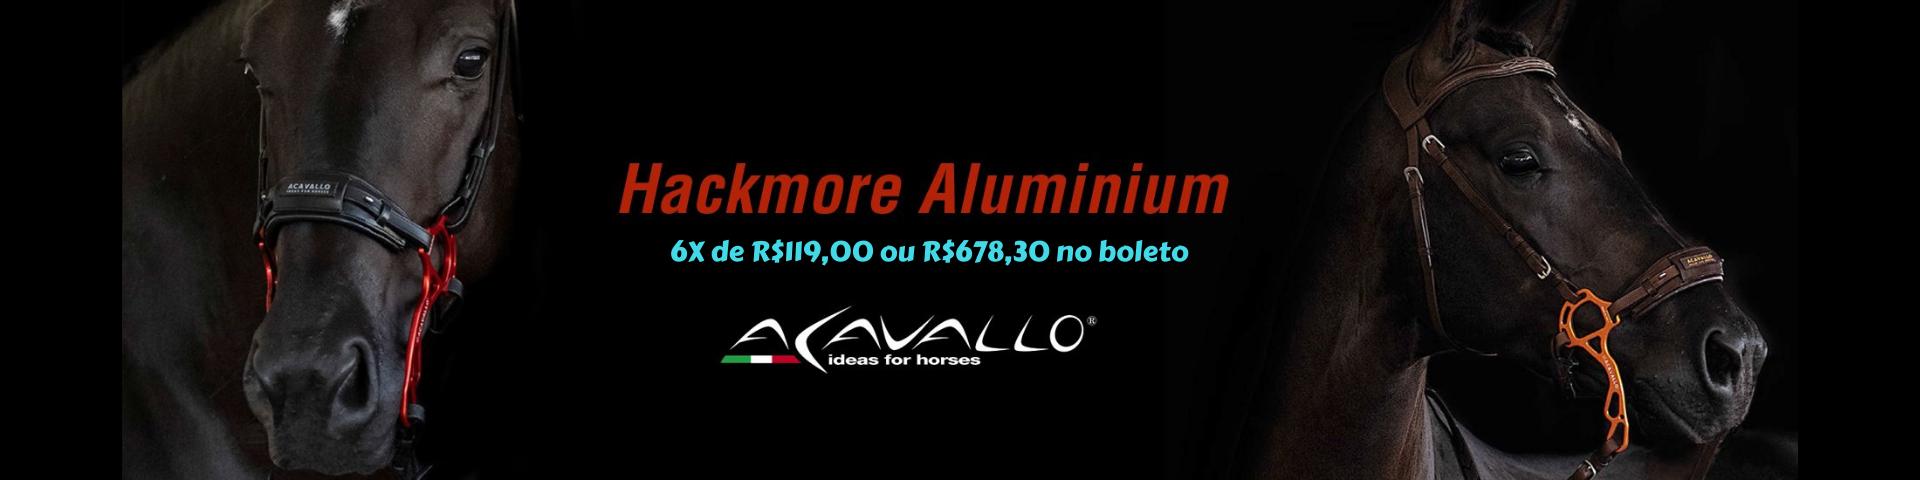 hackamore aluminium Acavallo